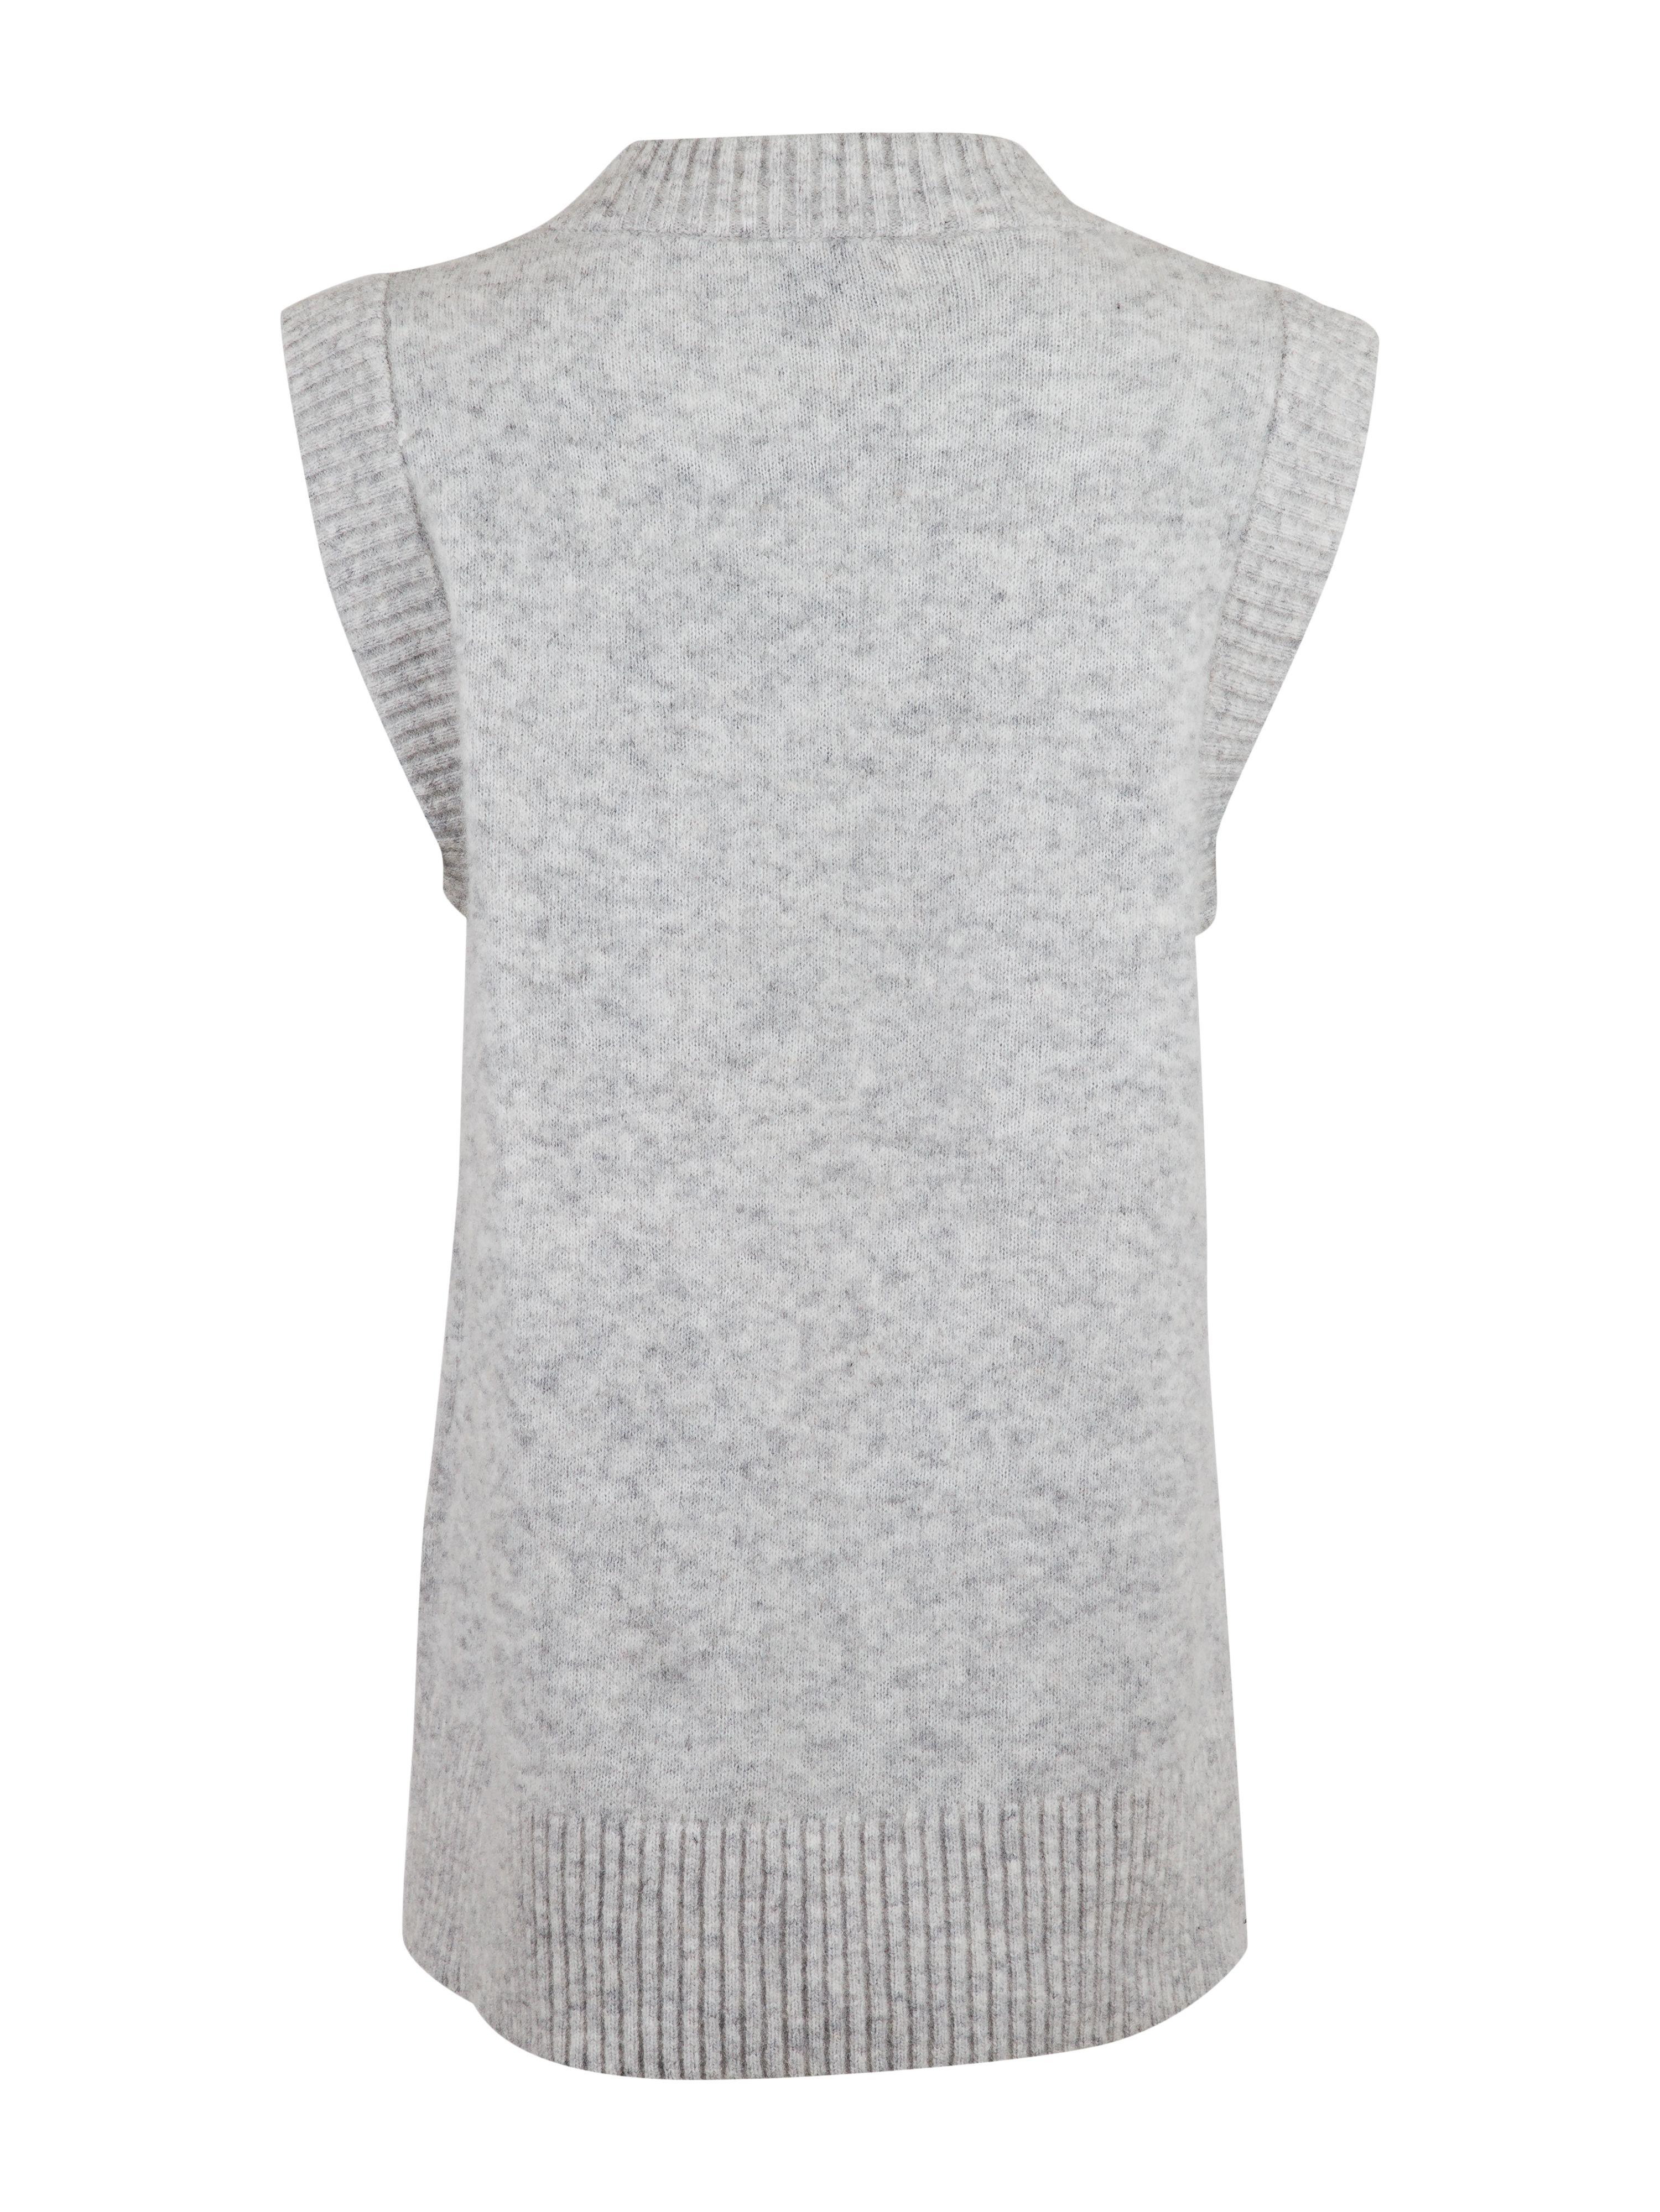 Neo Noir Trevi strik vest, light grey melange, large